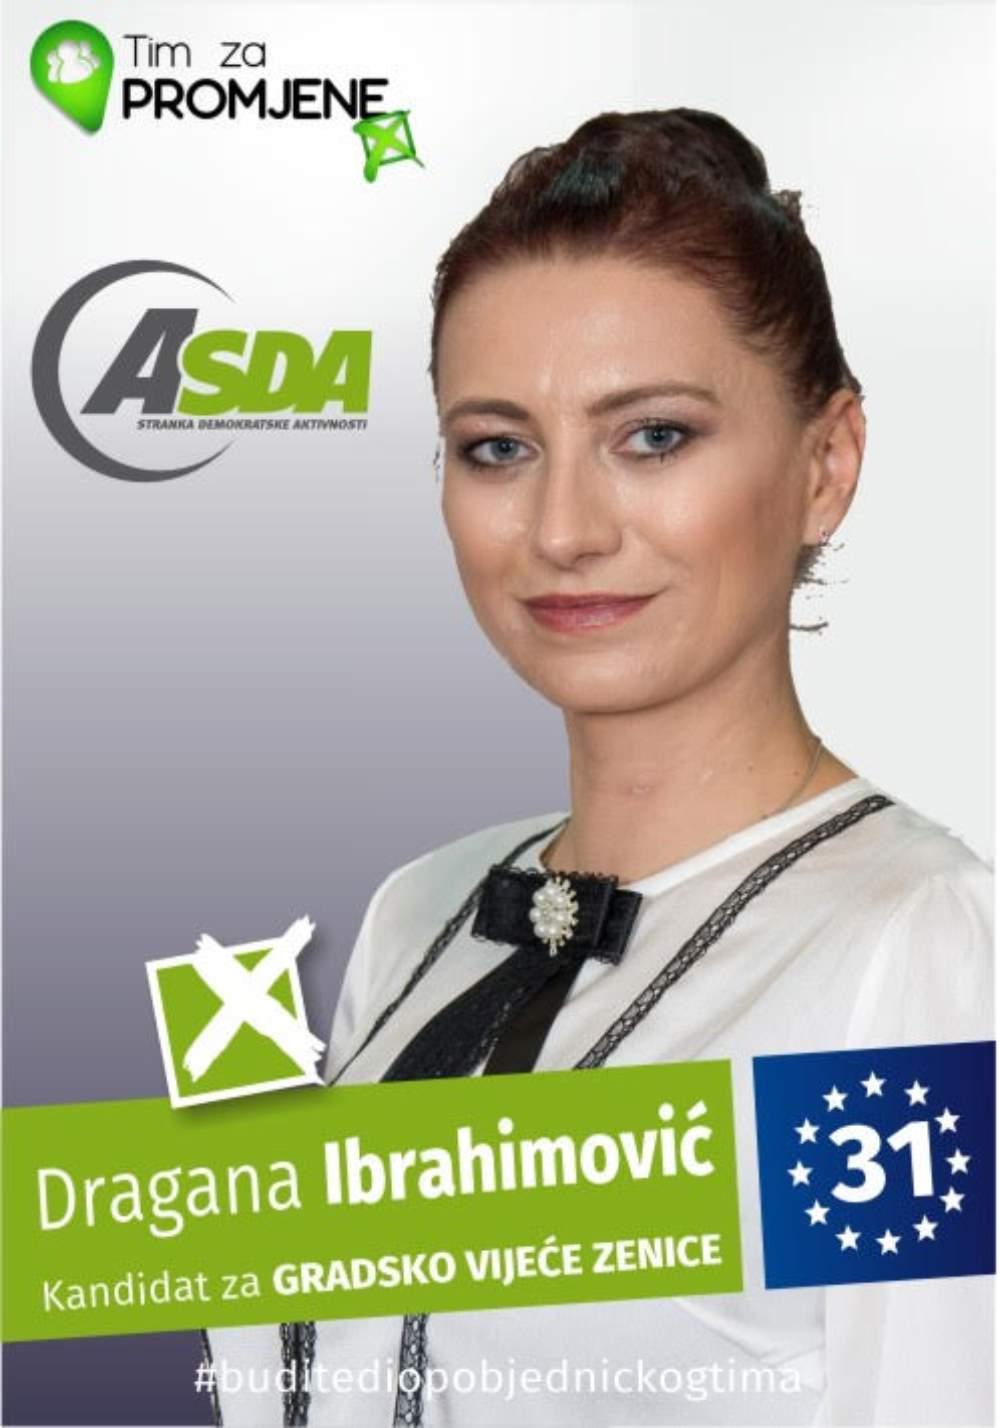 Dragana Ibrahimović